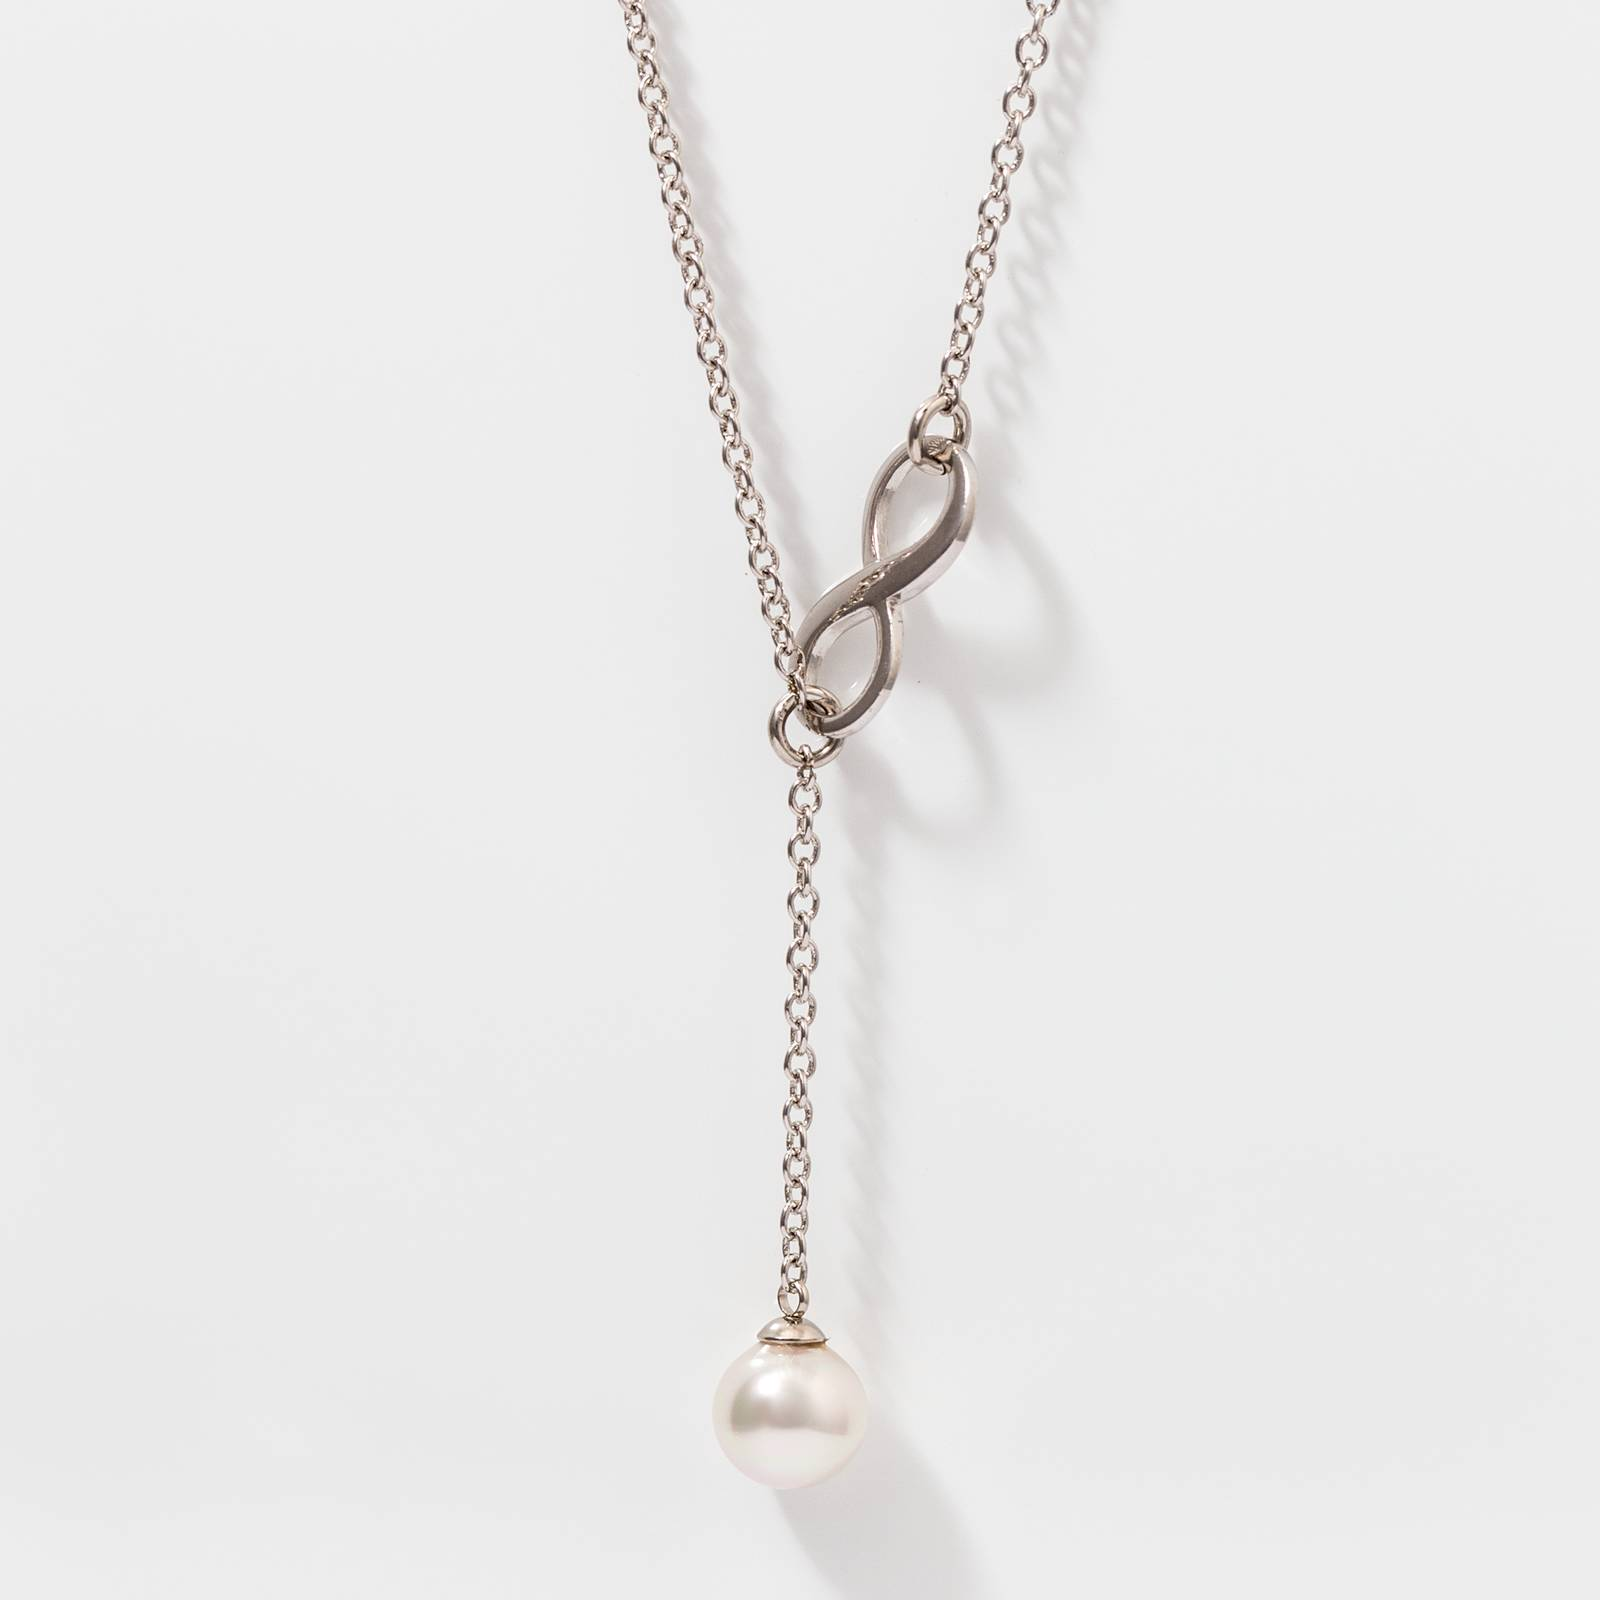 Colar Fine Silver - 15252.01.2